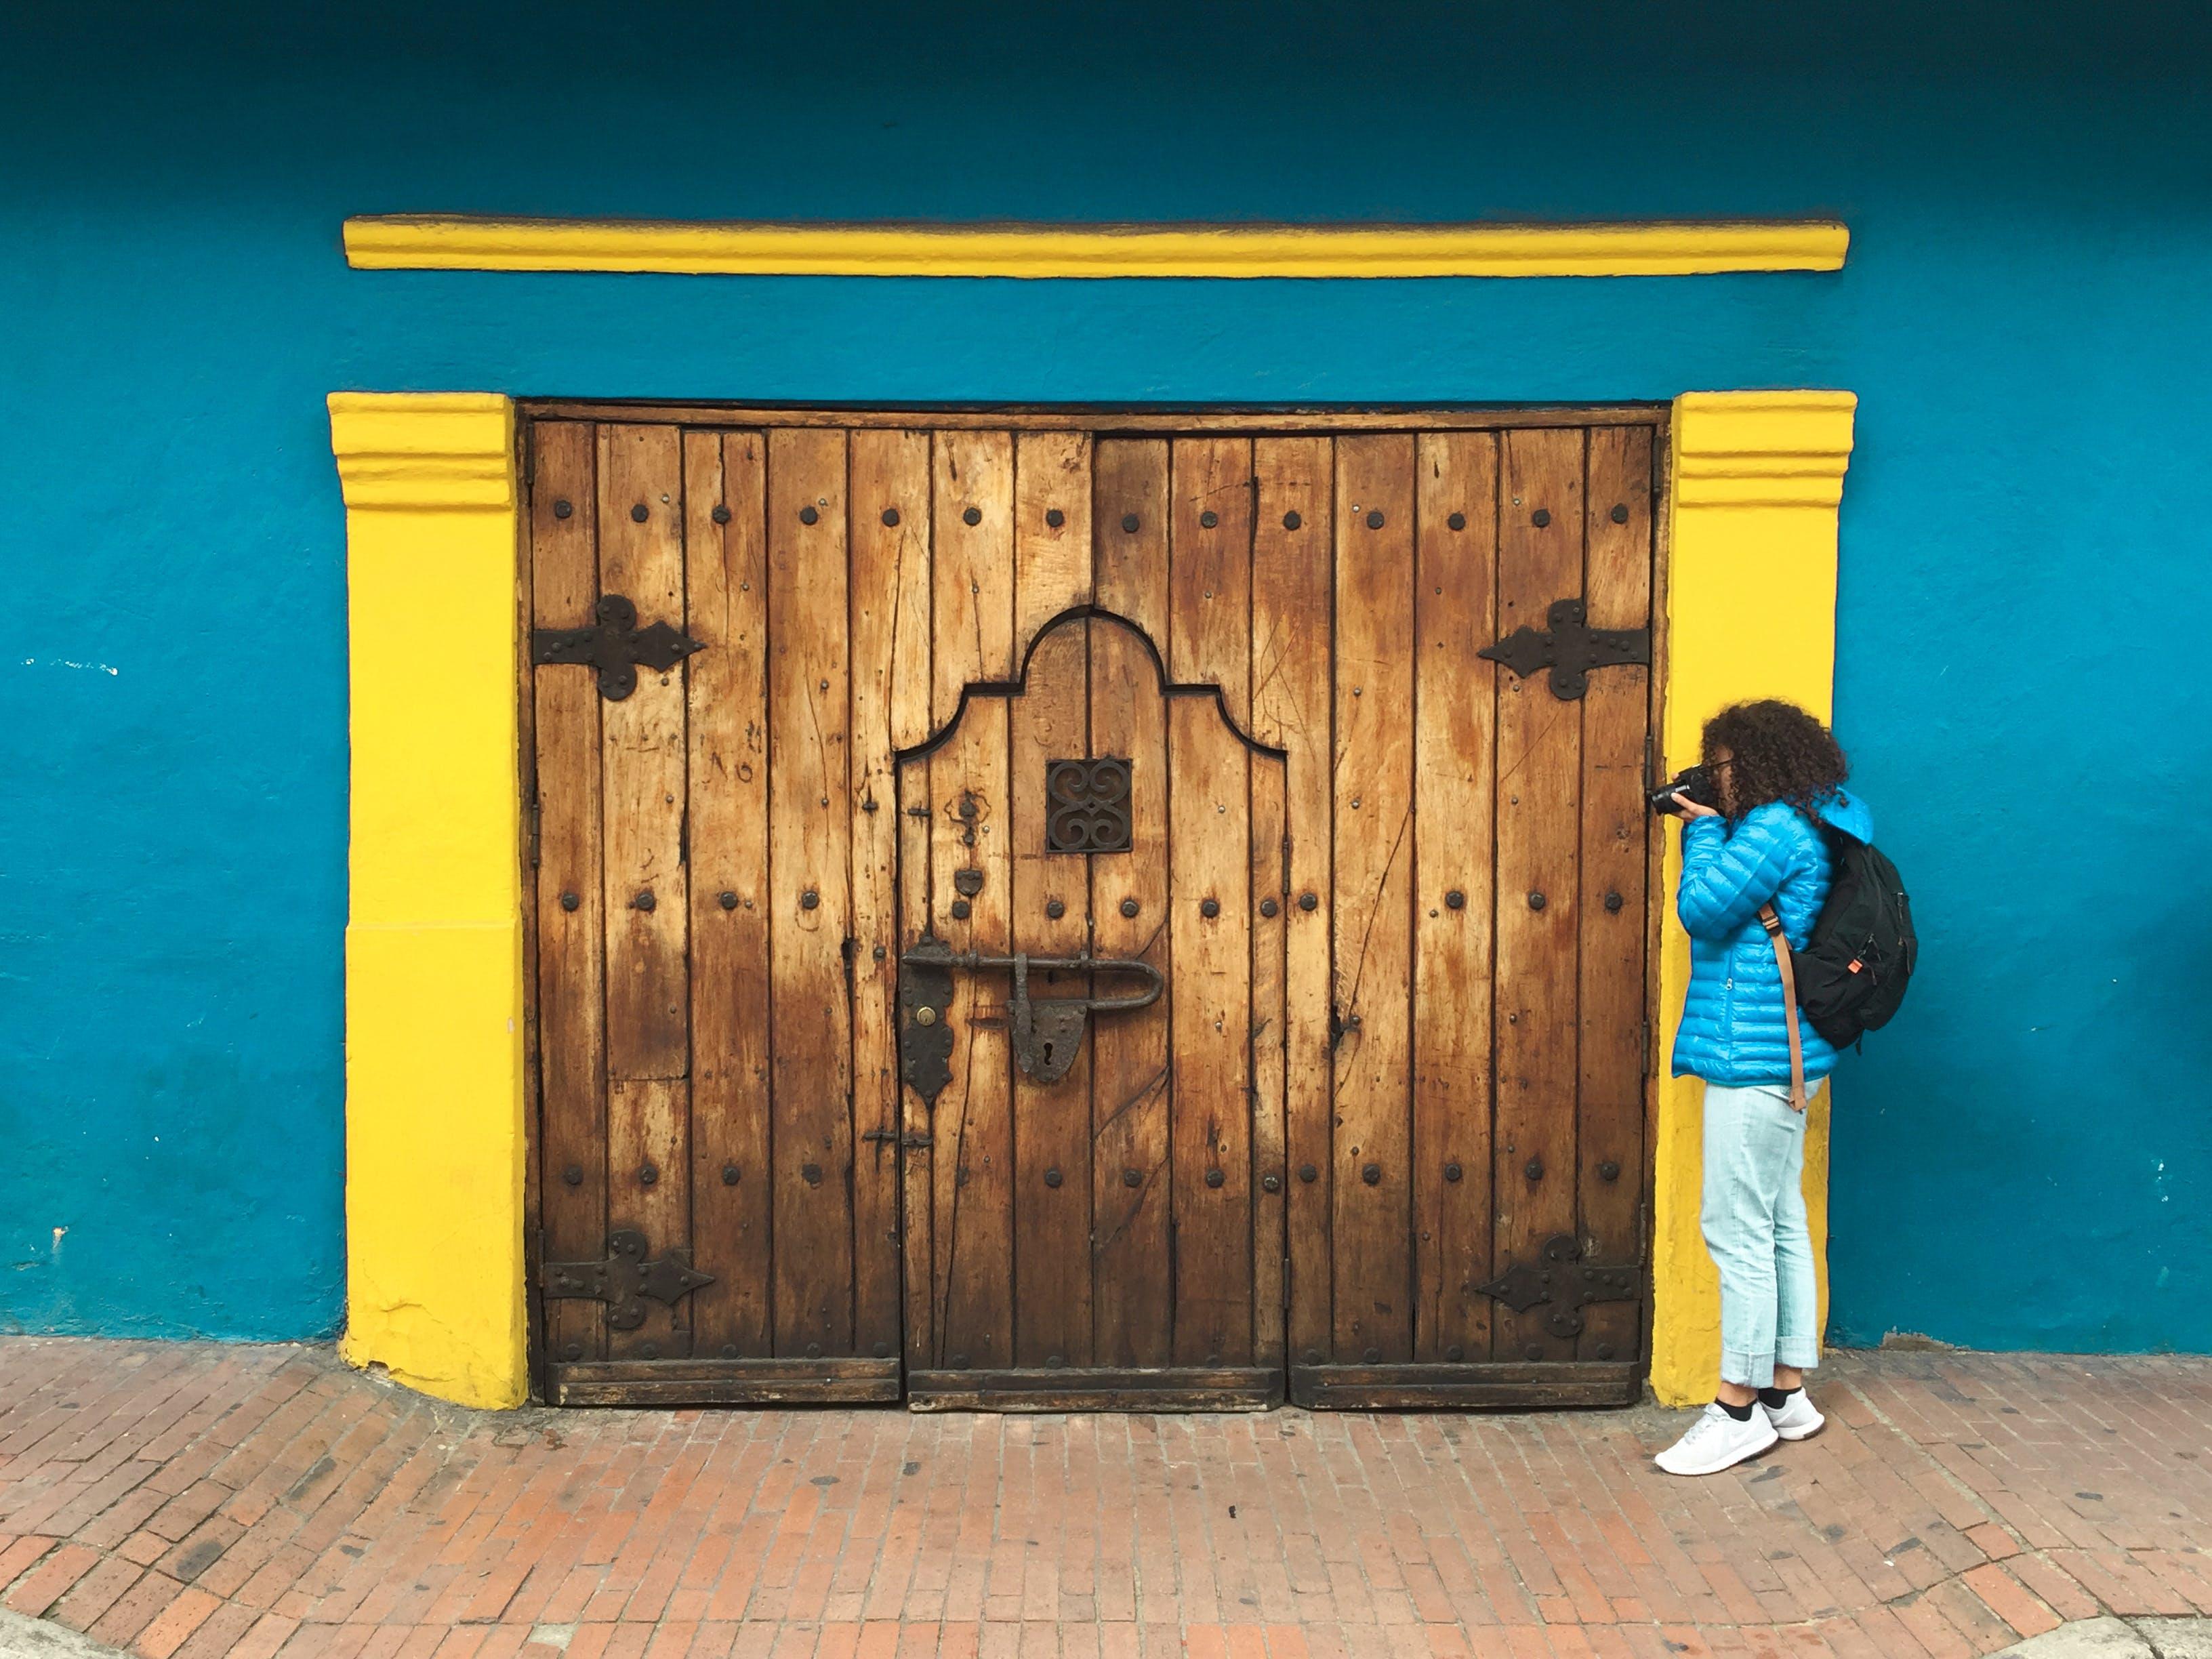 Person Taking Photo of Brown Wooden Door